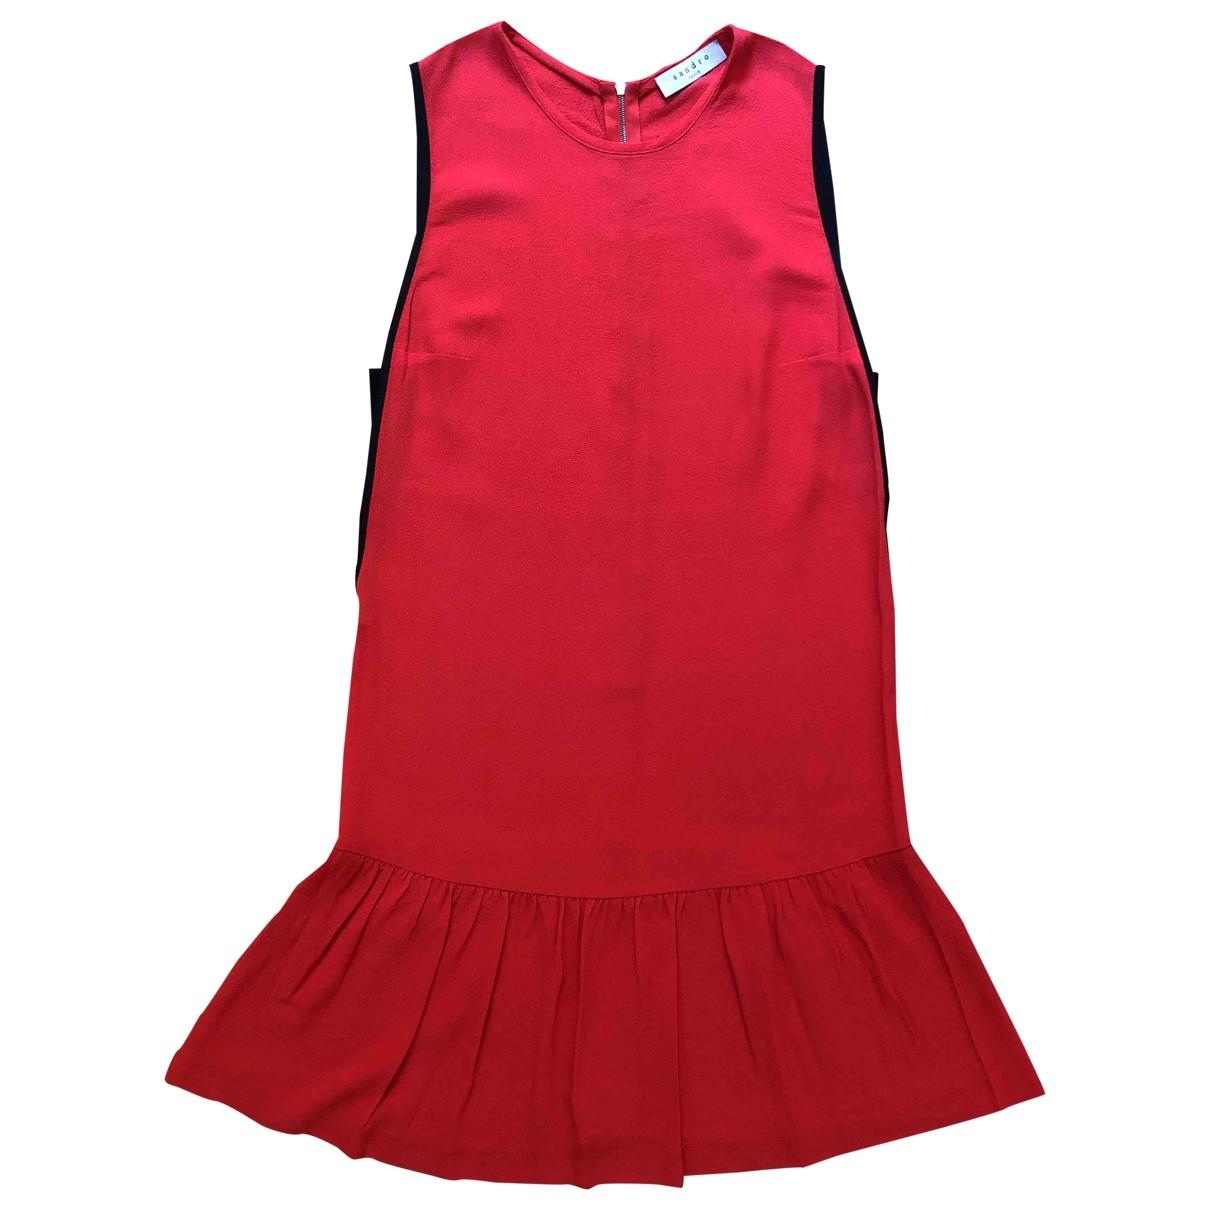 Sandro \N Orange dress for Women 1 0-5